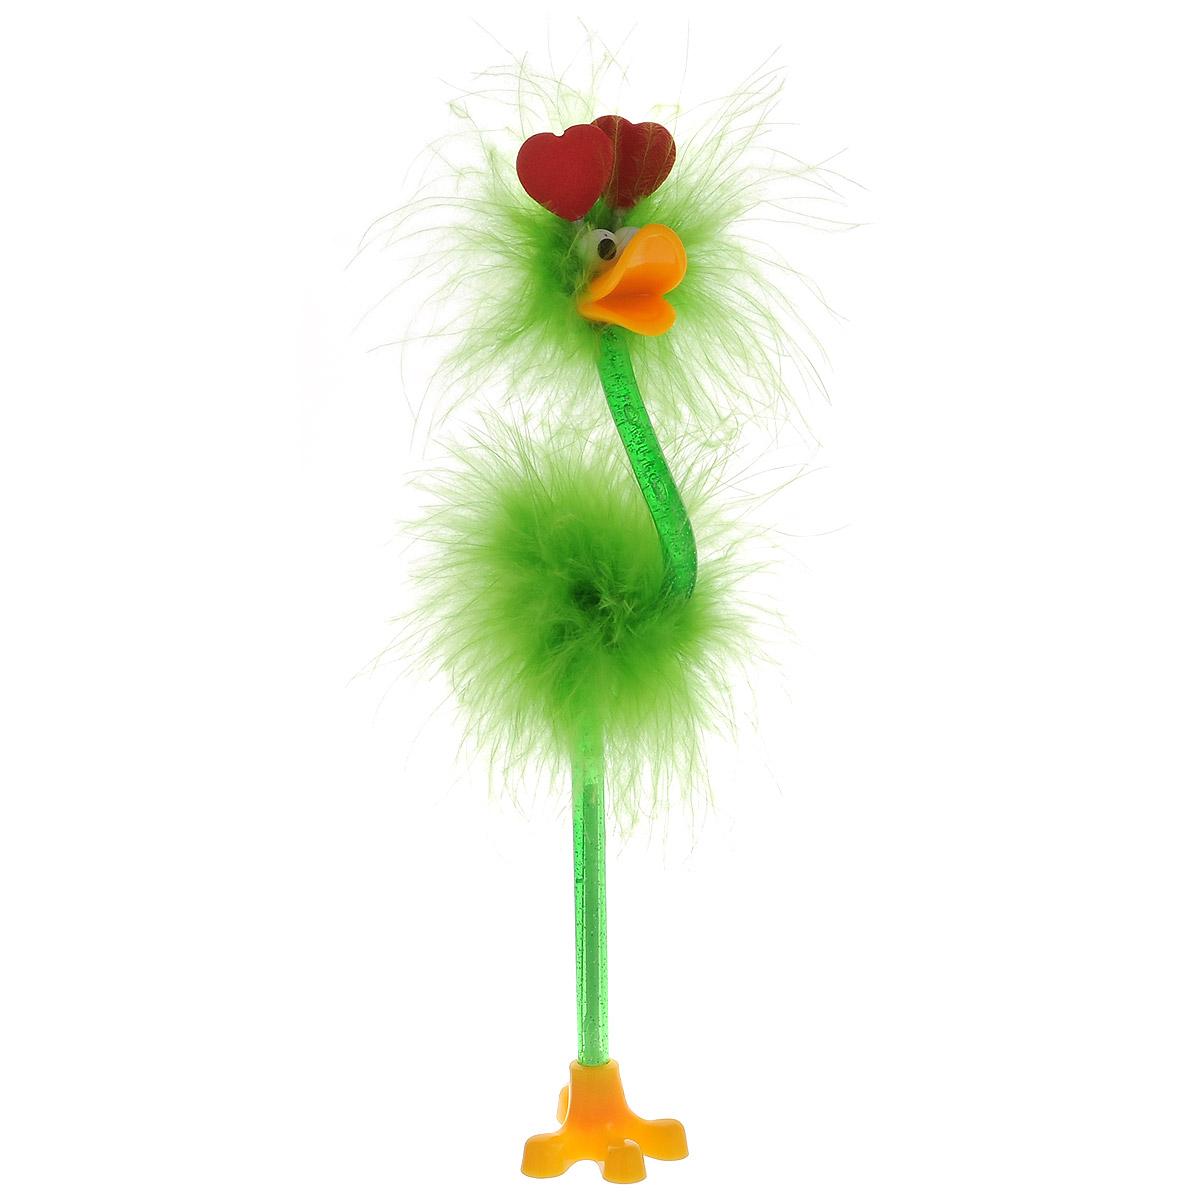 Ручка-игрушка Flamingo, с сердечками, с подставкой, цвет: салатовый82965_салатовый, сердцеОригинальная шариковая ручка-игрушка Flamingo станет отличным подарком и незаменимым аксессуаром на вашем рабочем столе. Ручка, украшенная перьями, выполнена в виде забавной птички фламинго с антеннами-сердечками. К ручке прилагается подставка в виде лапки. Такая ручка - это забавный и практичный подарок, она не потеряется среди бумаг и непременно вызовет улыбку окружающих.